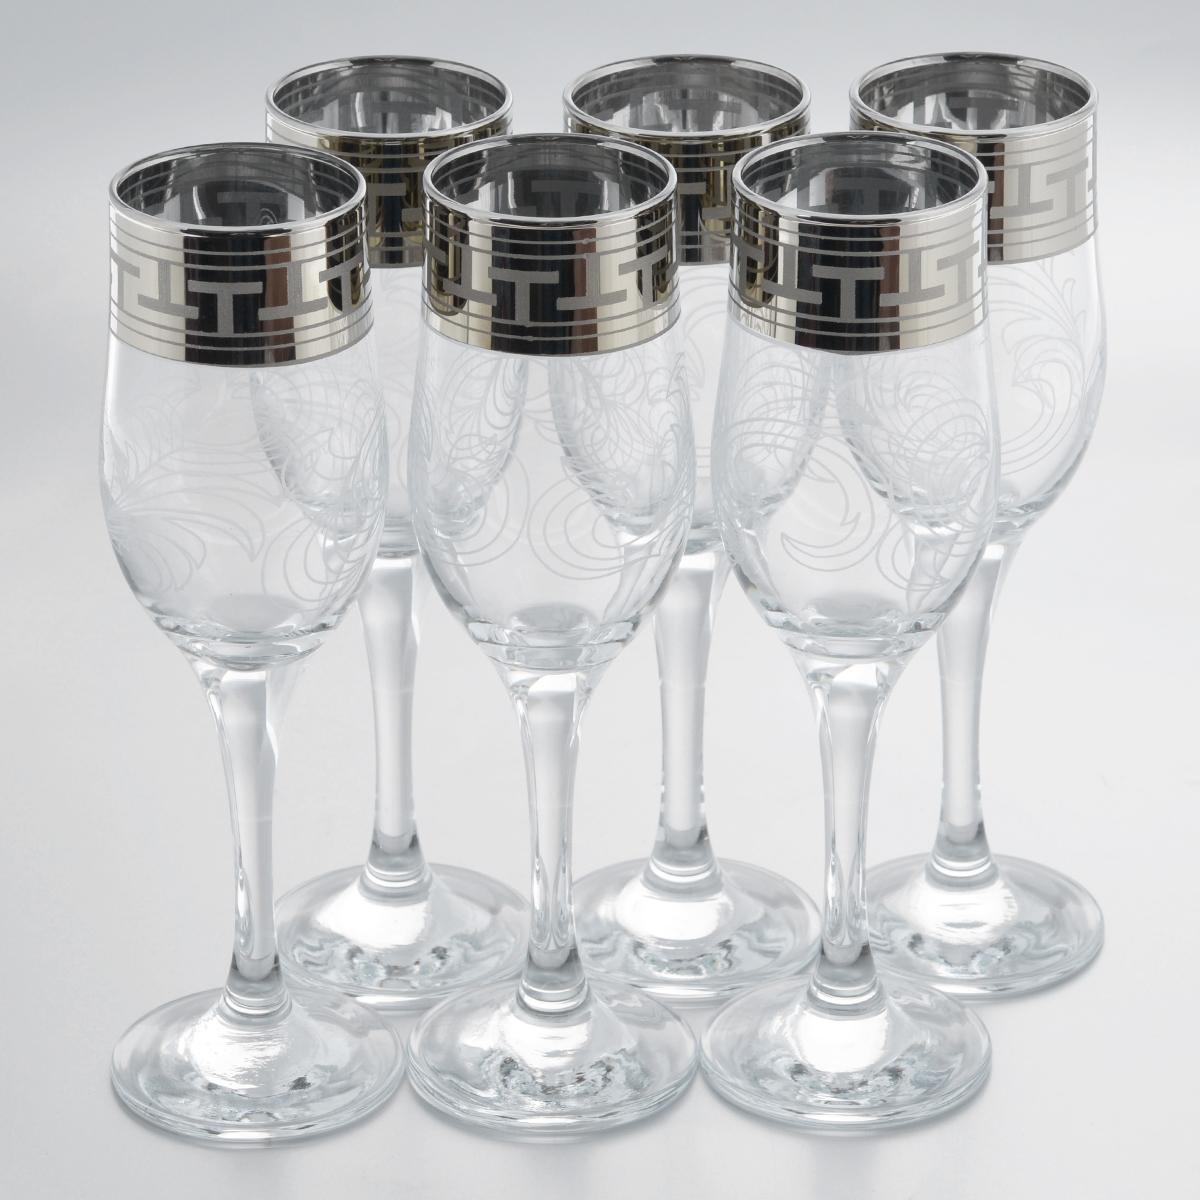 Набор бокалов Гусь-Хрустальный Греческий узор, 200 мл, 6 шт набор бокалов для бренди гусь хрустальный версаче 400 мл 6 шт